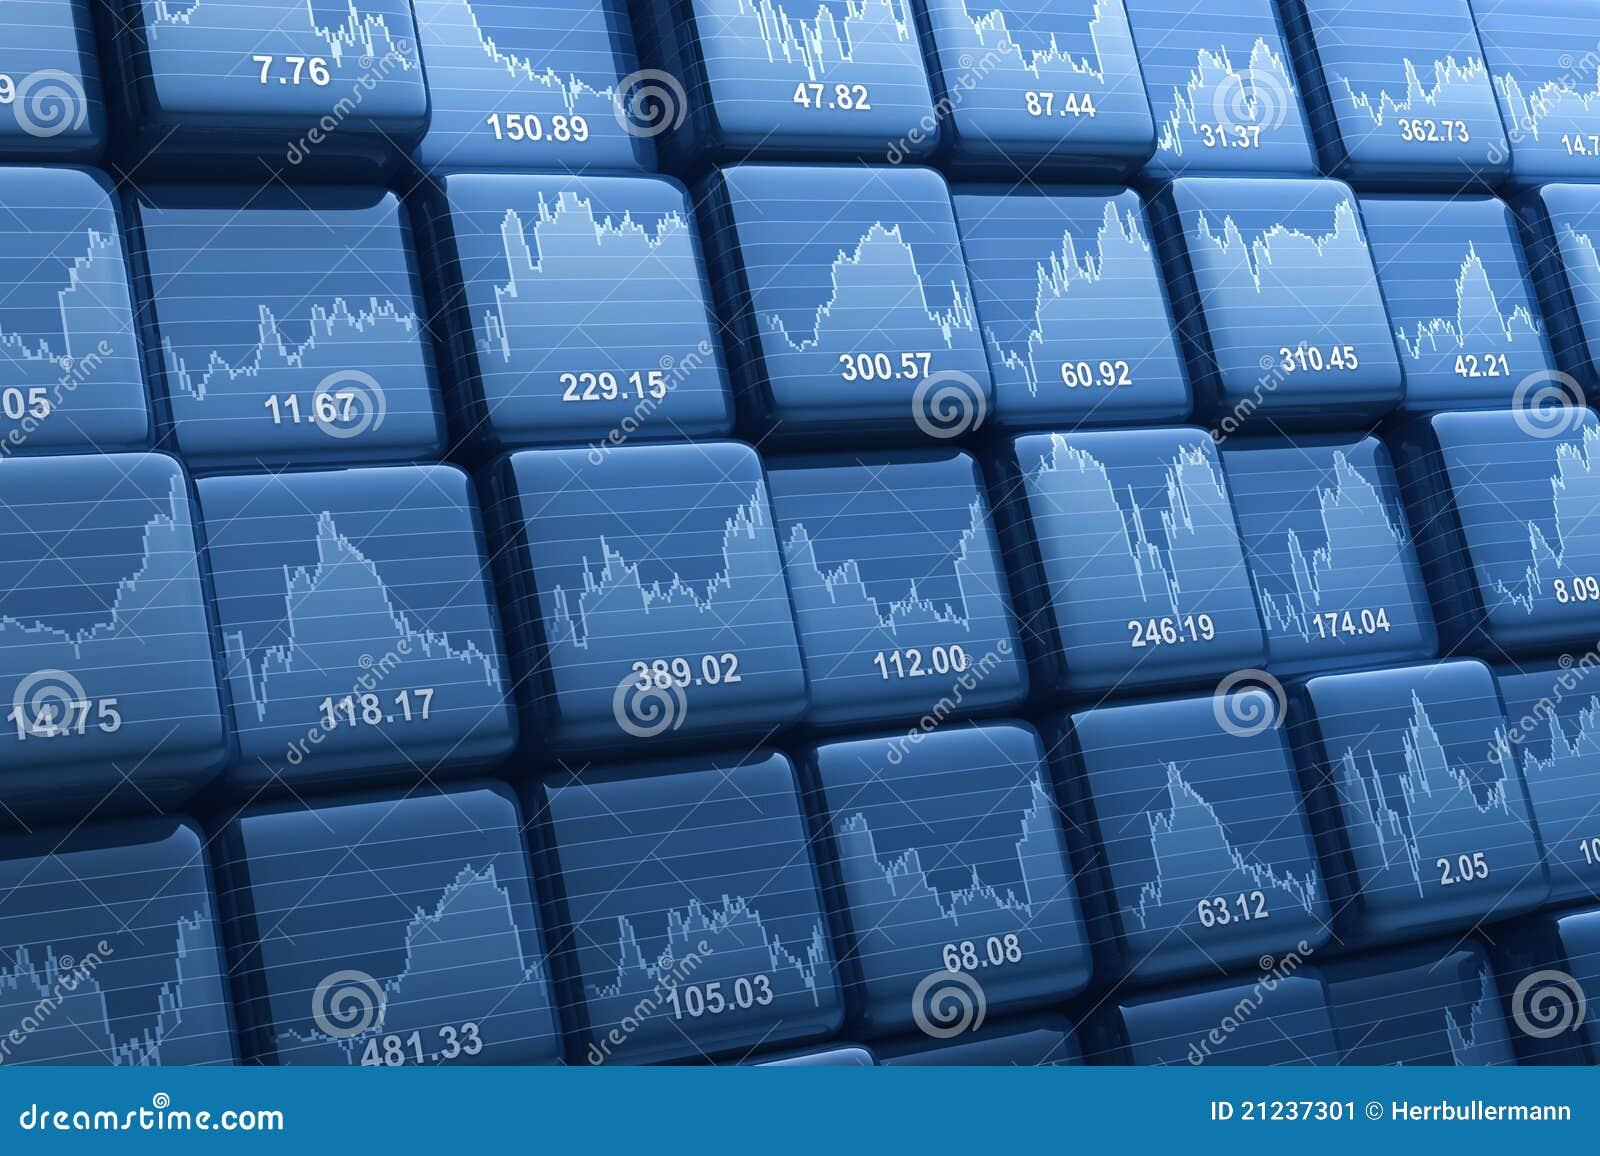 Stock index cubes